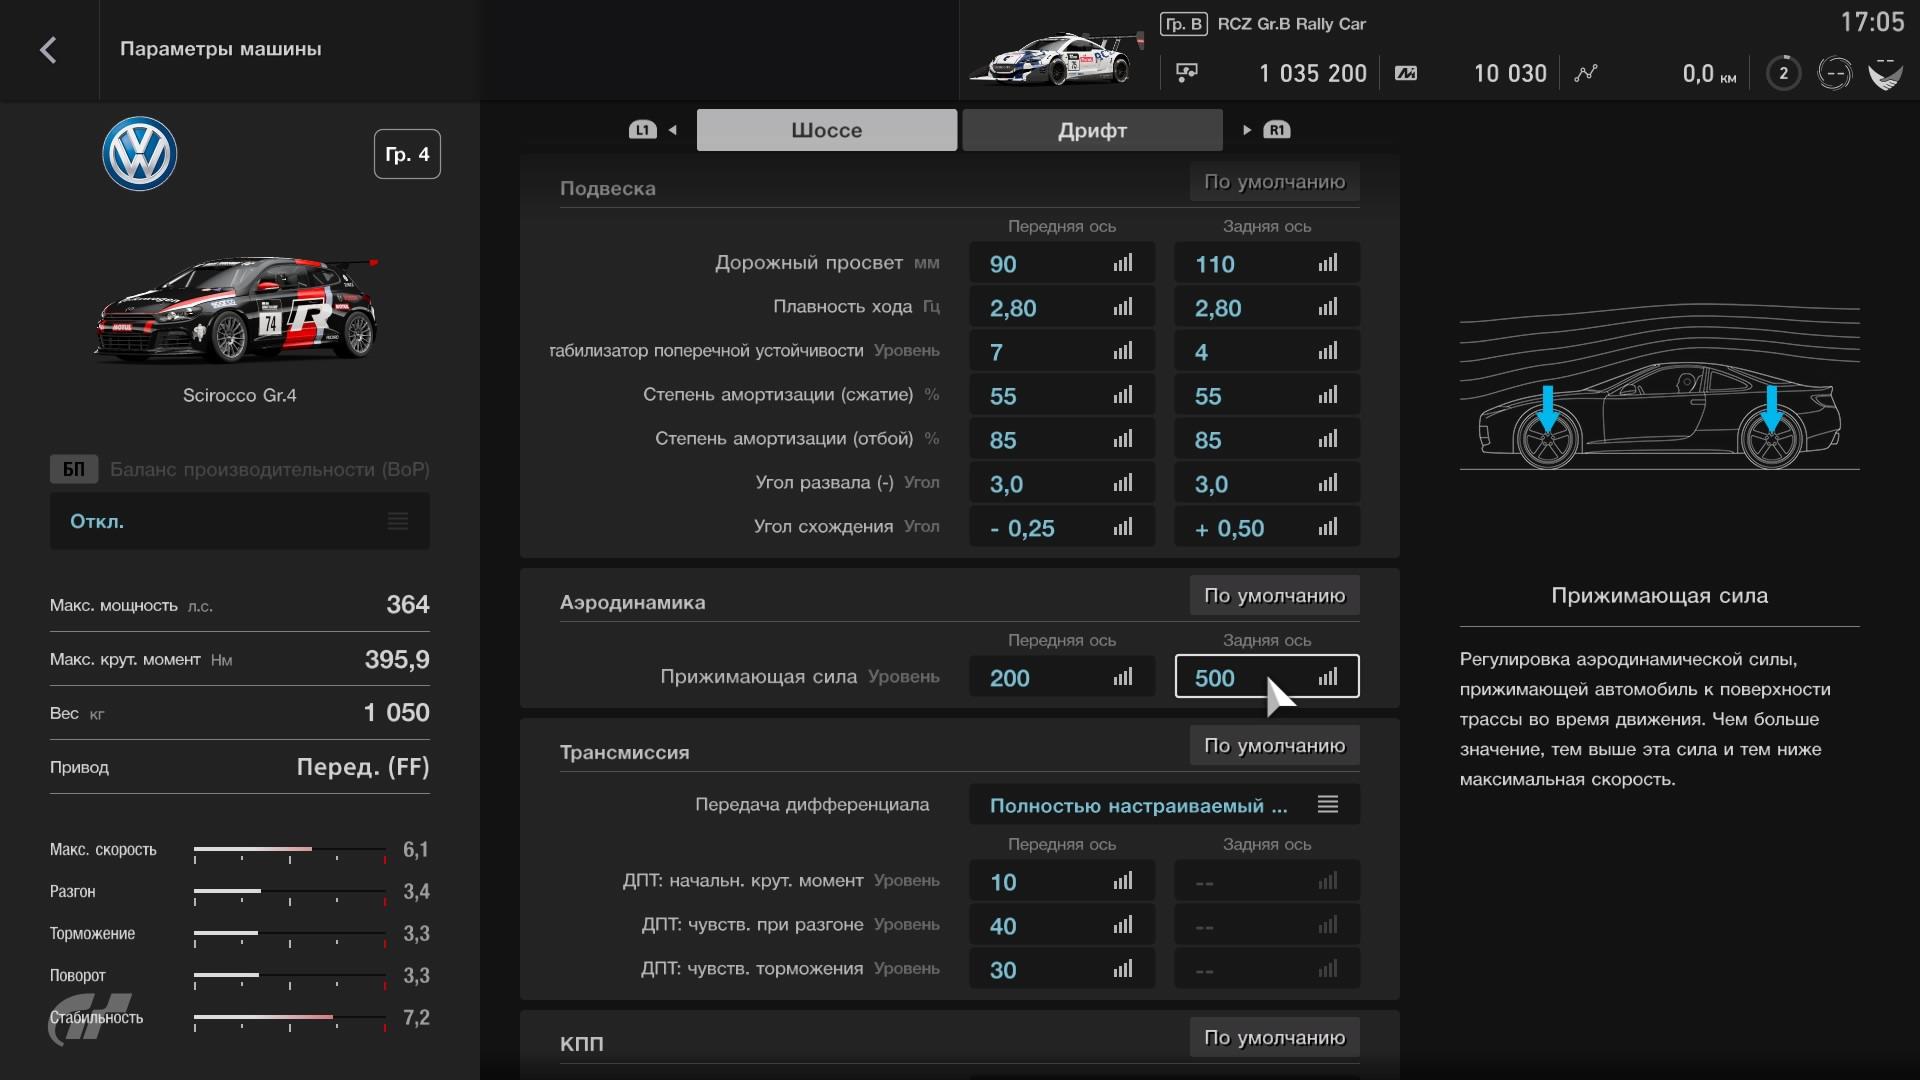 Обзор Gran Turismo Sport  Симулятор, доступный каждому PS4 | Stratege